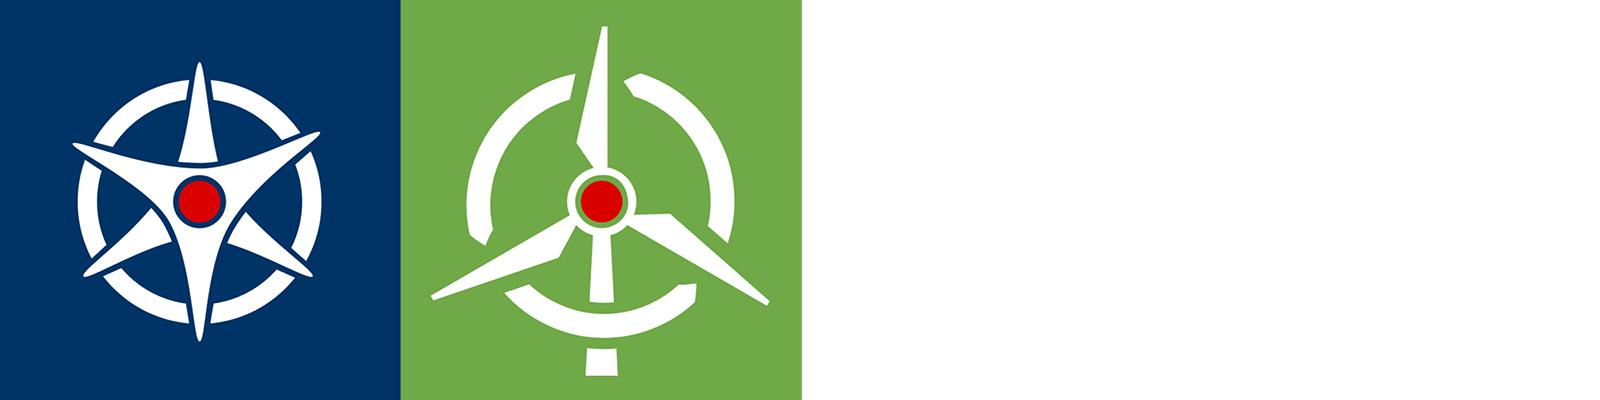 windkraft_2er.jpg